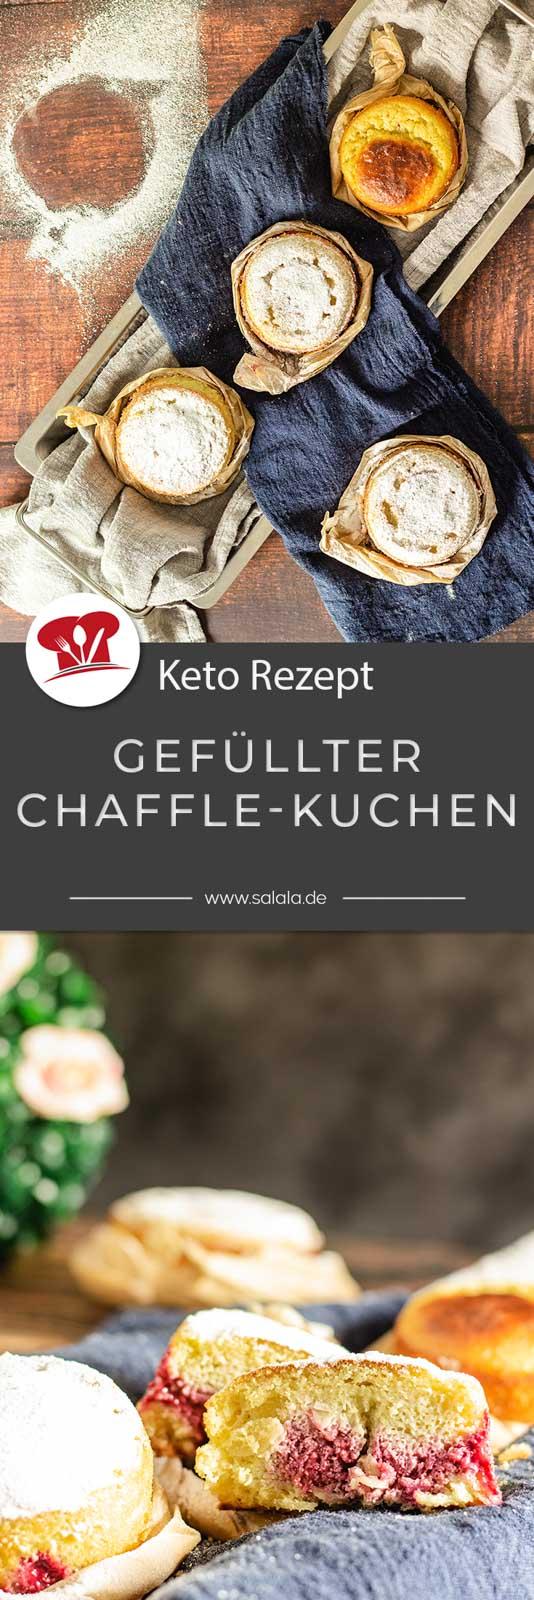 Die Faschingszeit ist fast vorbei, trotzdem gibt's von uns ne kleine Leckerei. Wir haben gefüllte Keto Chaffle Kuchen gemacht. Also Küchlein, so kleine. Voll Keto und voll Low Carb und wie immer ohne Gluten, Zucker, Mehl. #Fasching #Karneval #Krapfenbacken #BerlinerBacken #LowCarbBerliner #BerlinerOhneHefe #BerlinerOhneHefe #Ketogebaeck #KetoKuchen